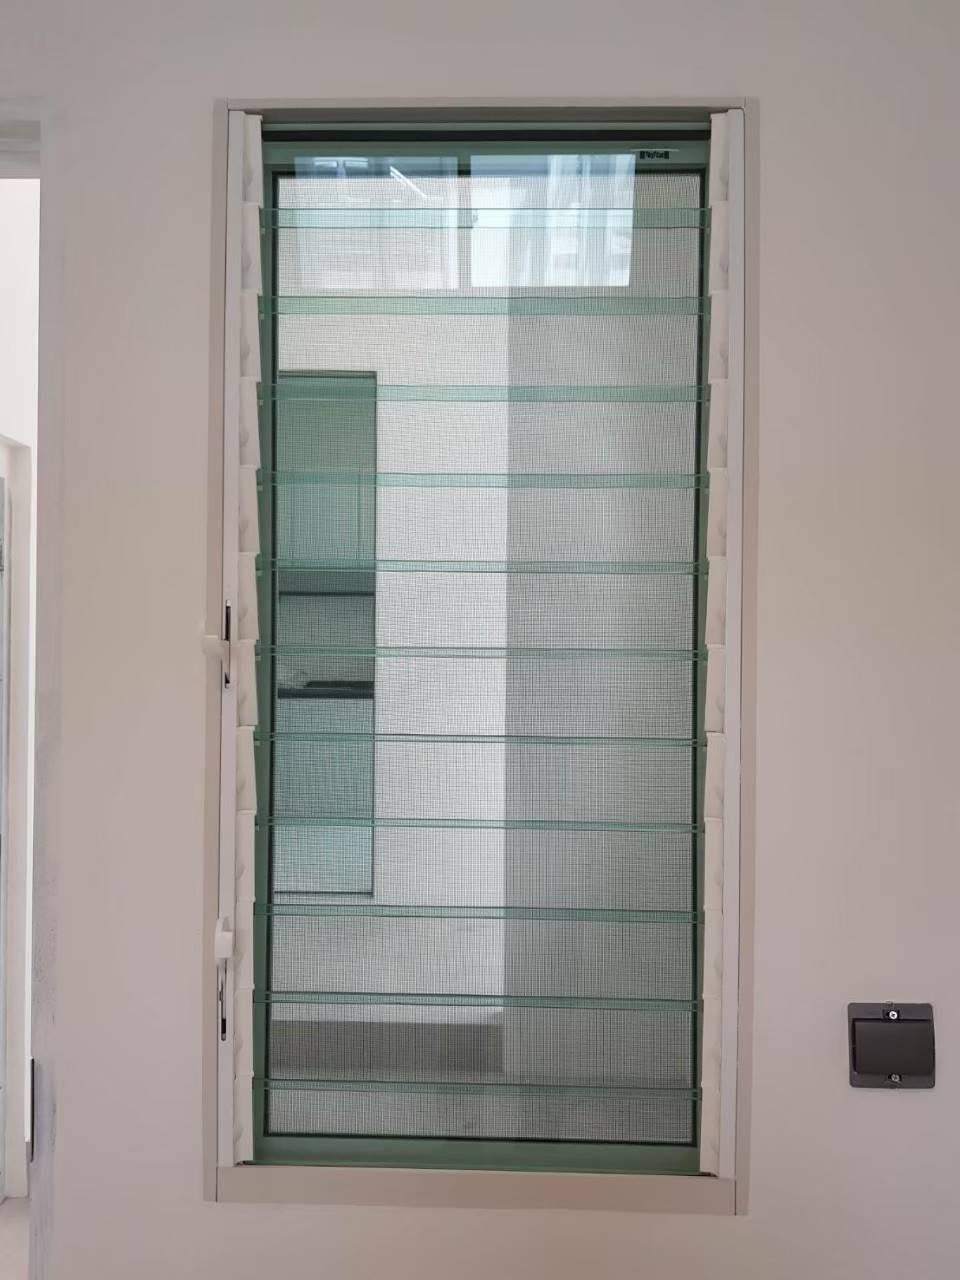 ตัวอย่างประตูกระจกบานเกล็ด